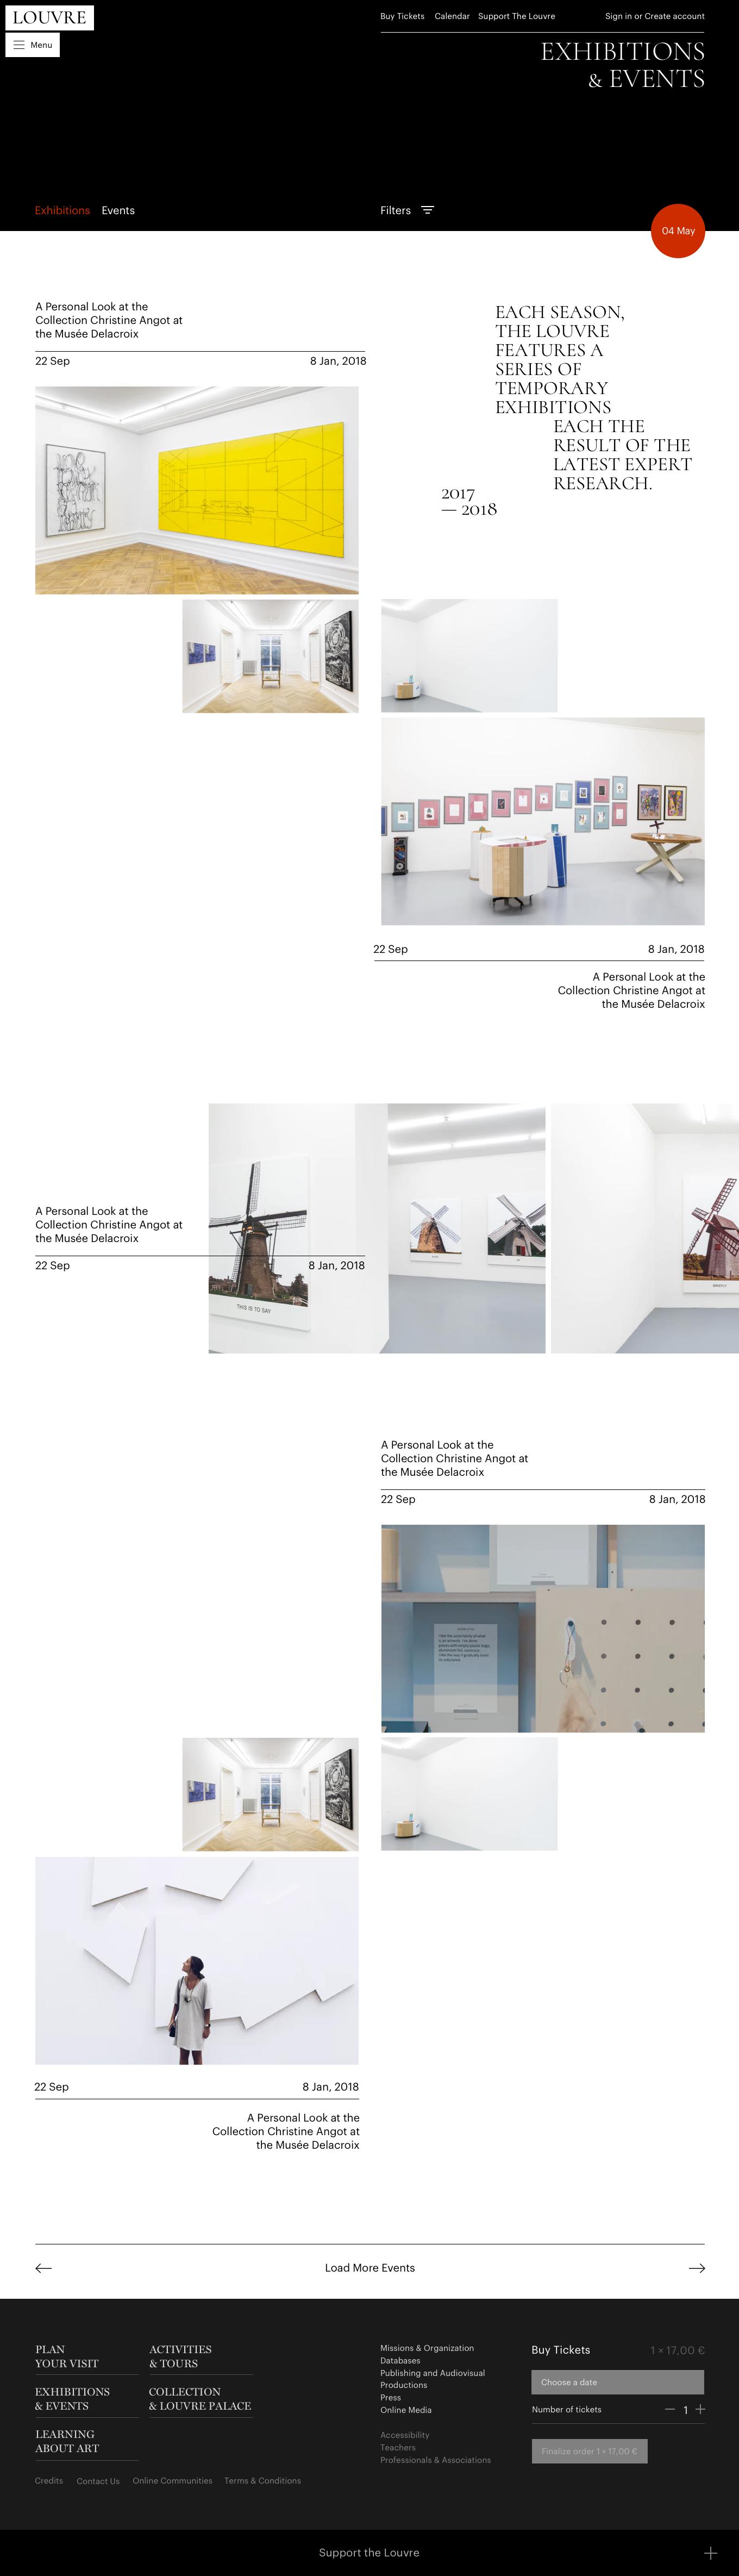 02_ExhibitionsList